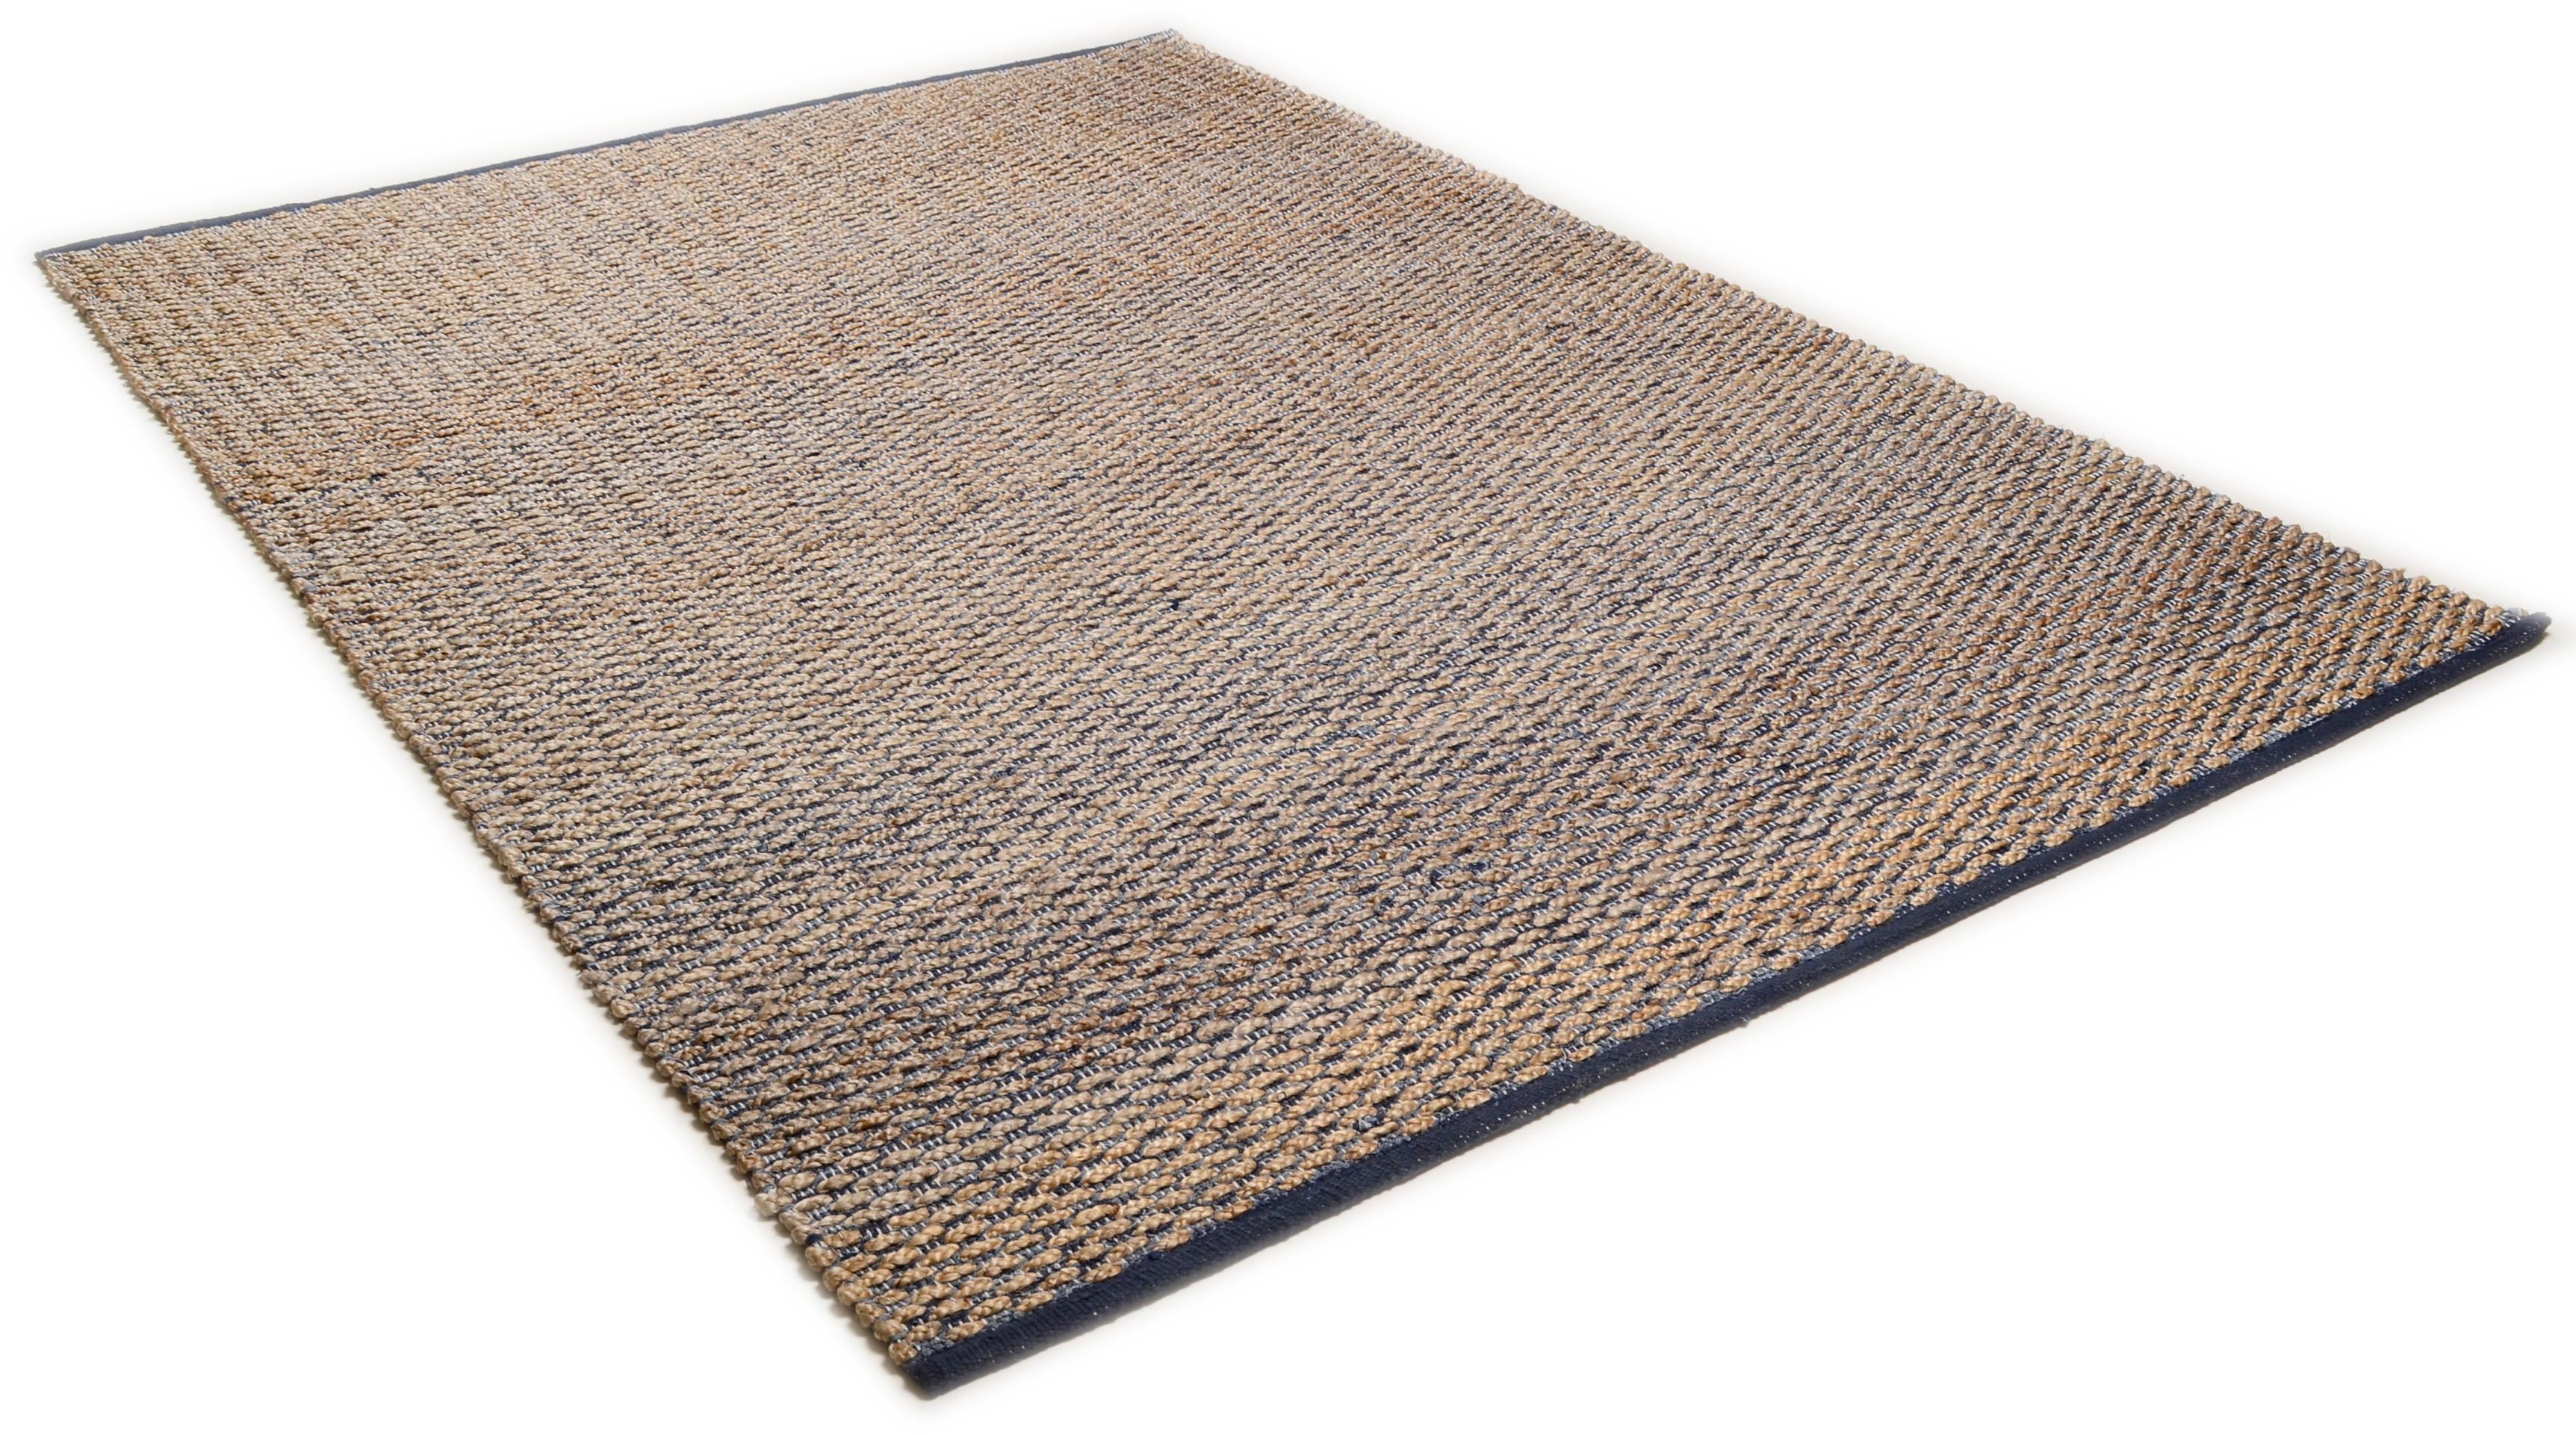 vloerkleed tom tailor braid met de hand gemaakt denim jute online verkrijgbaar otto. Black Bedroom Furniture Sets. Home Design Ideas